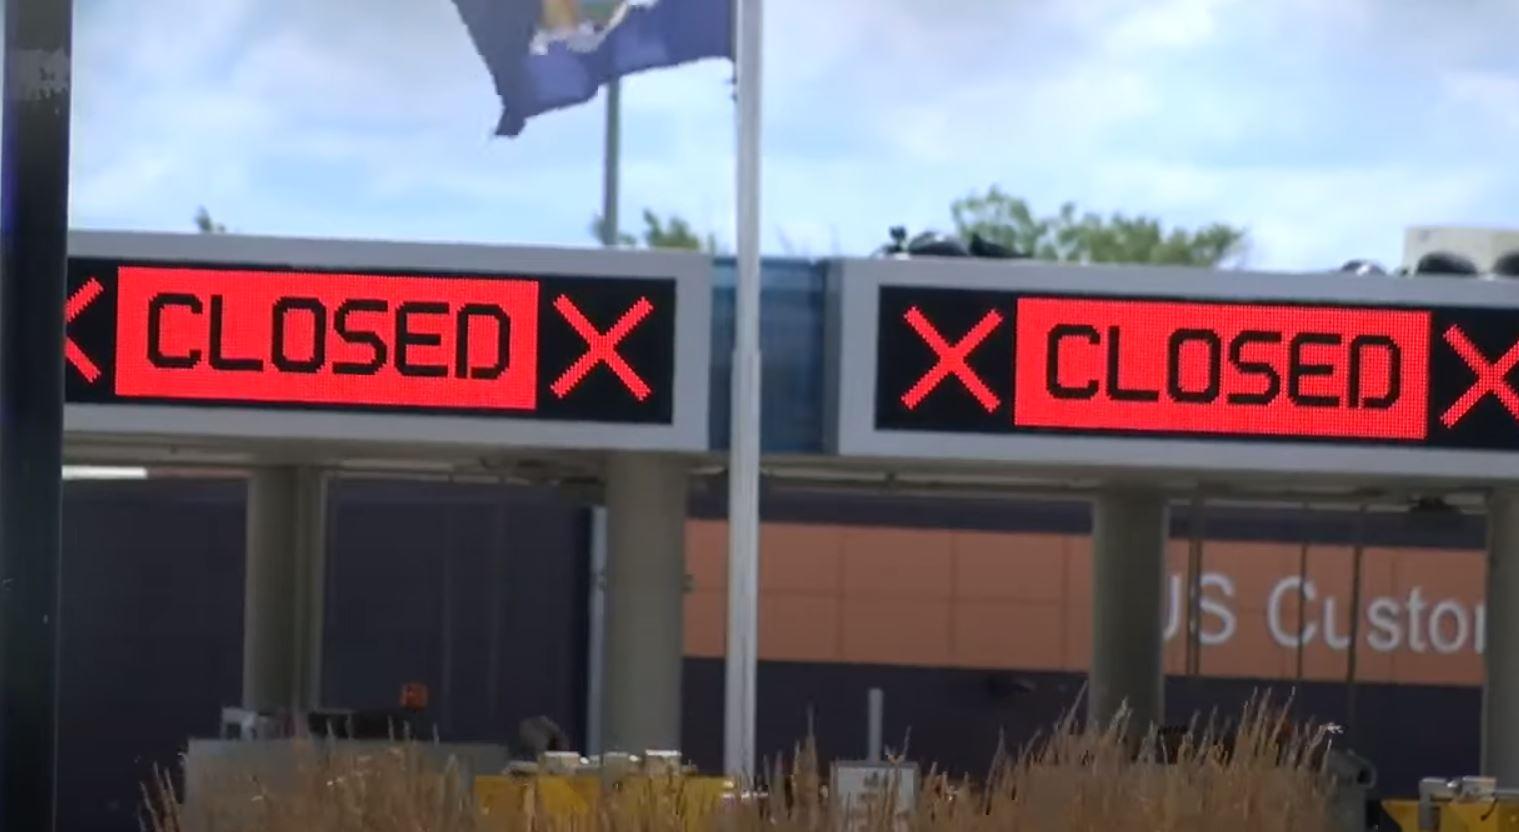 La frontera con los Estados Unidos permanecerá cerrada hasta el 21 de septiembre